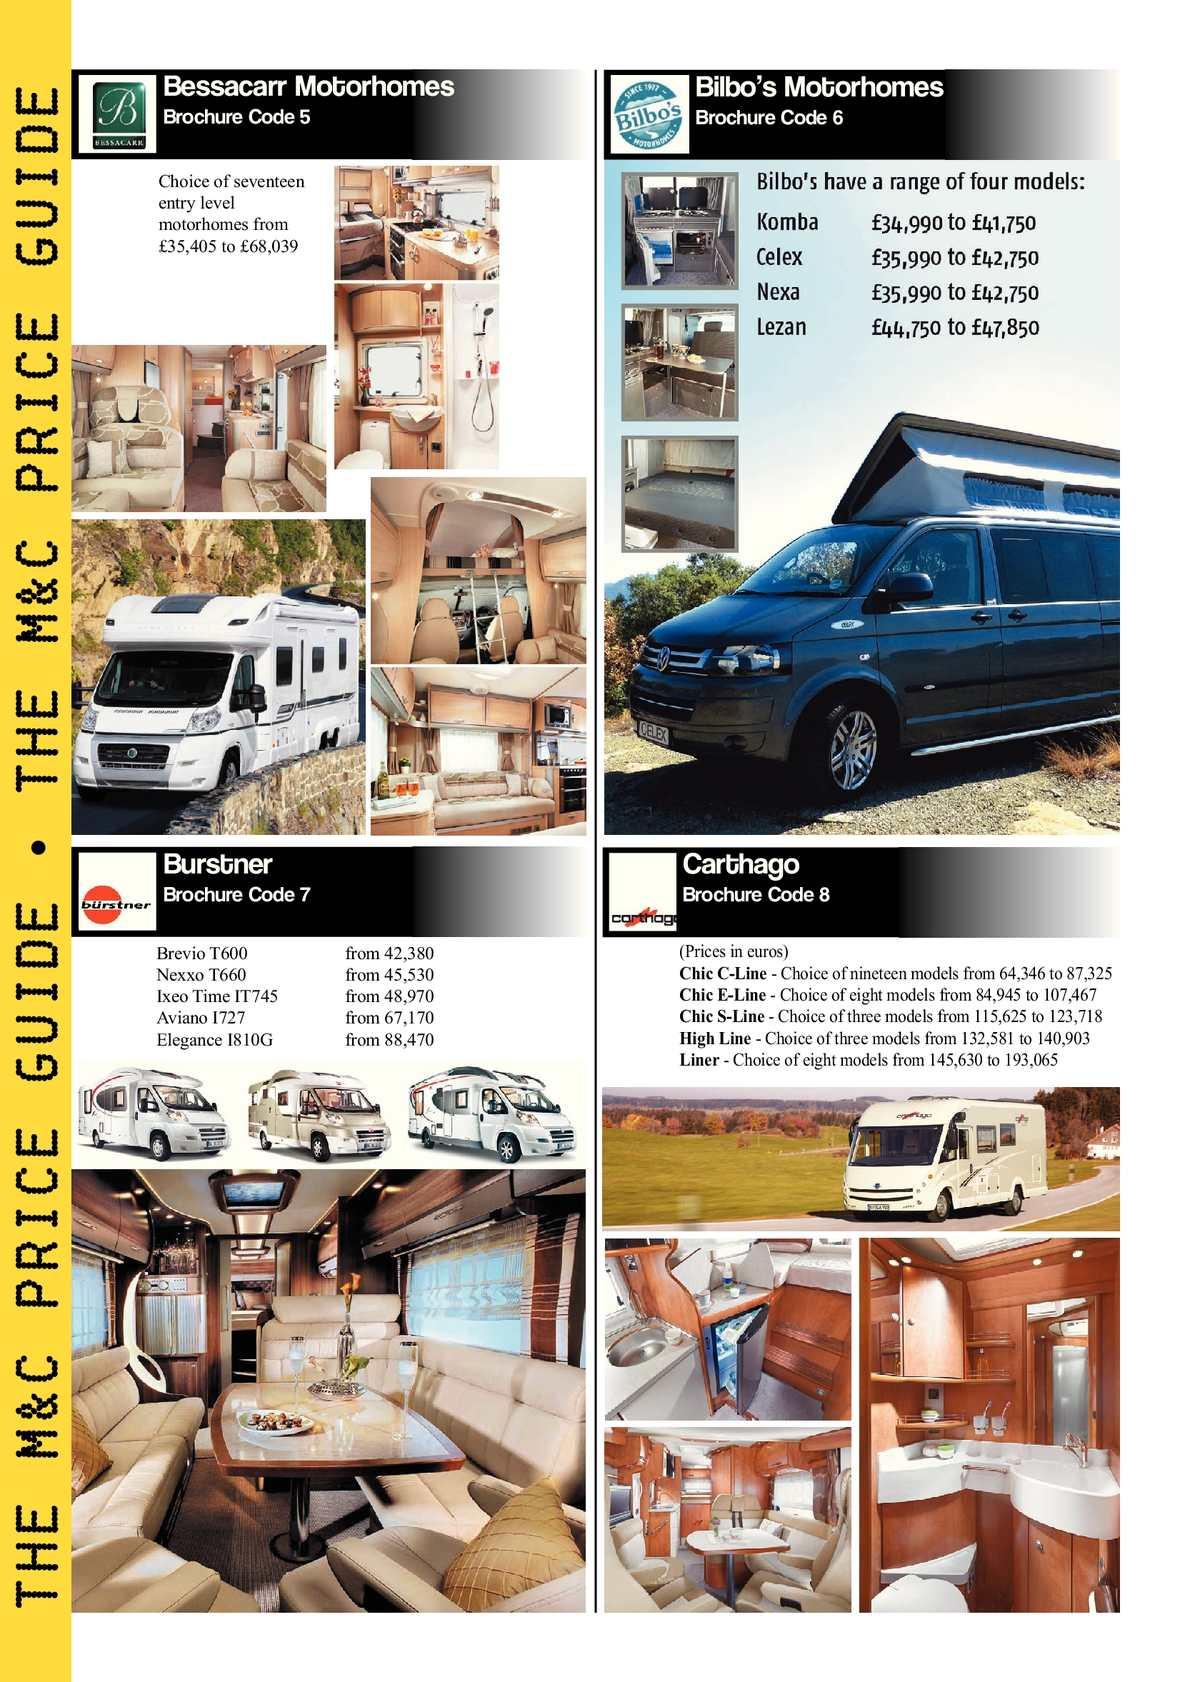 May 2013 Motorhome & Campervan - CALAMEO Downloader